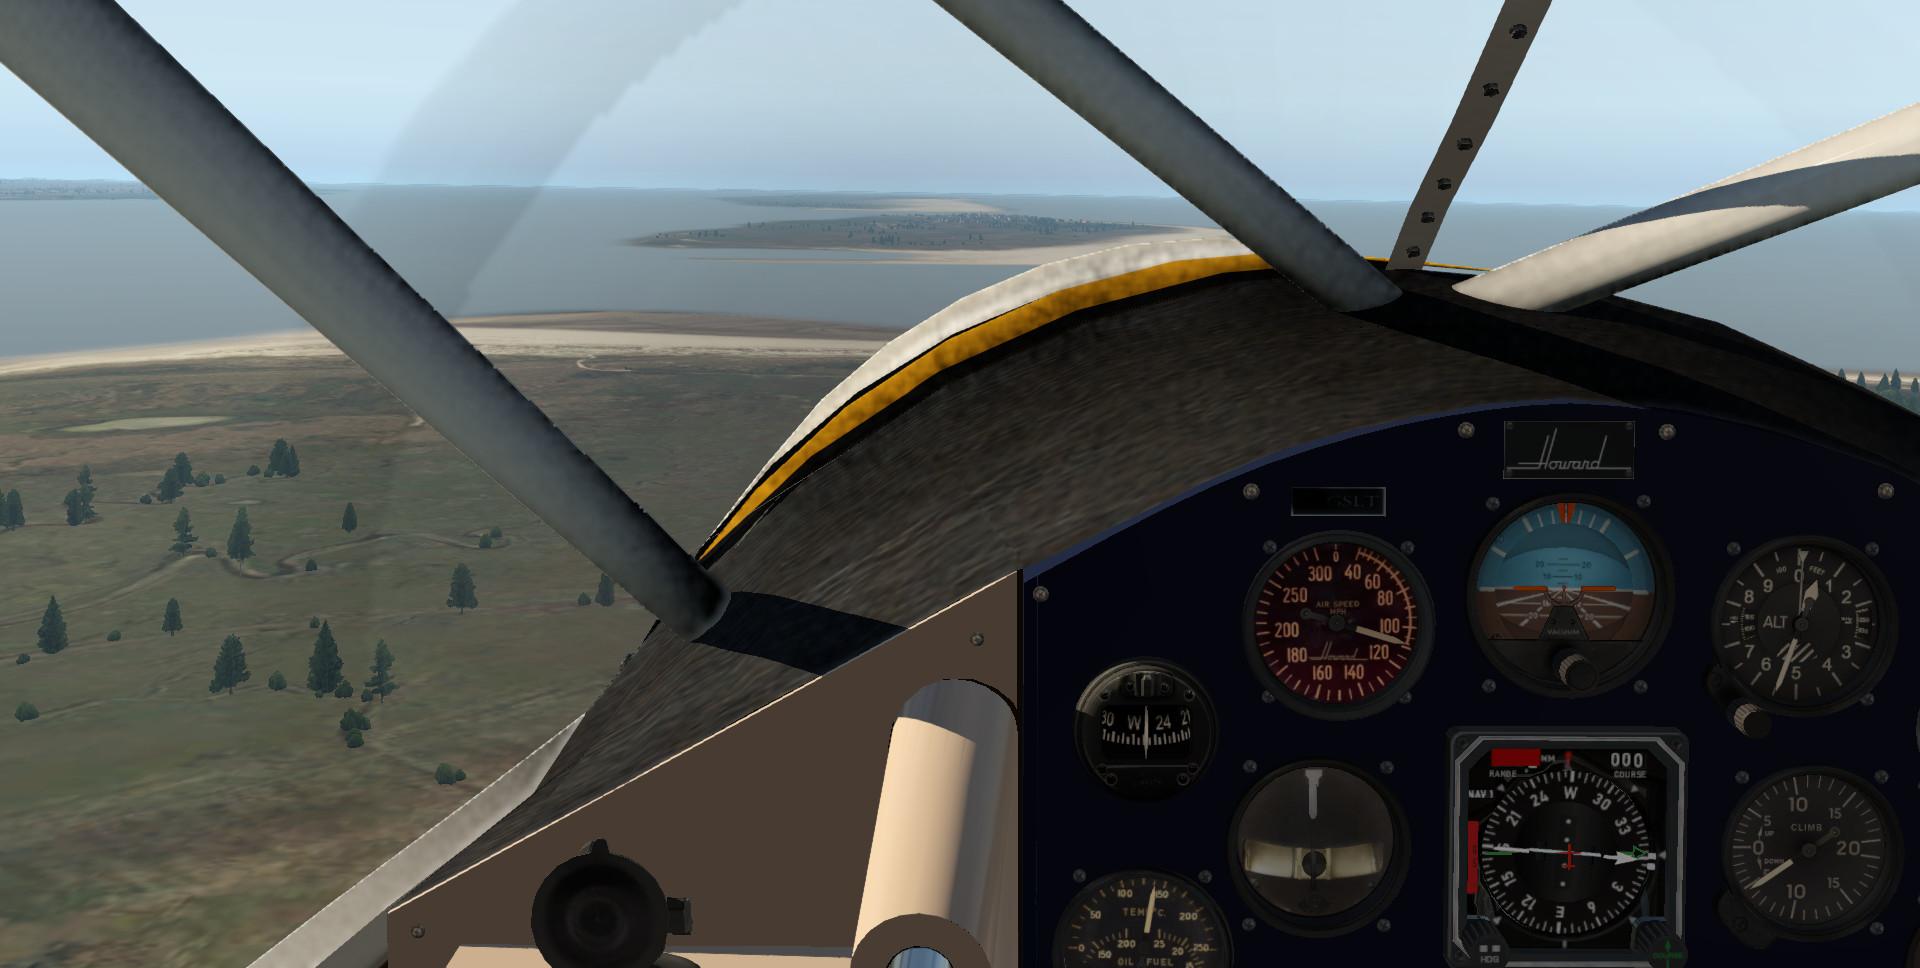 nordseerundflug-0091bkz0.jpg